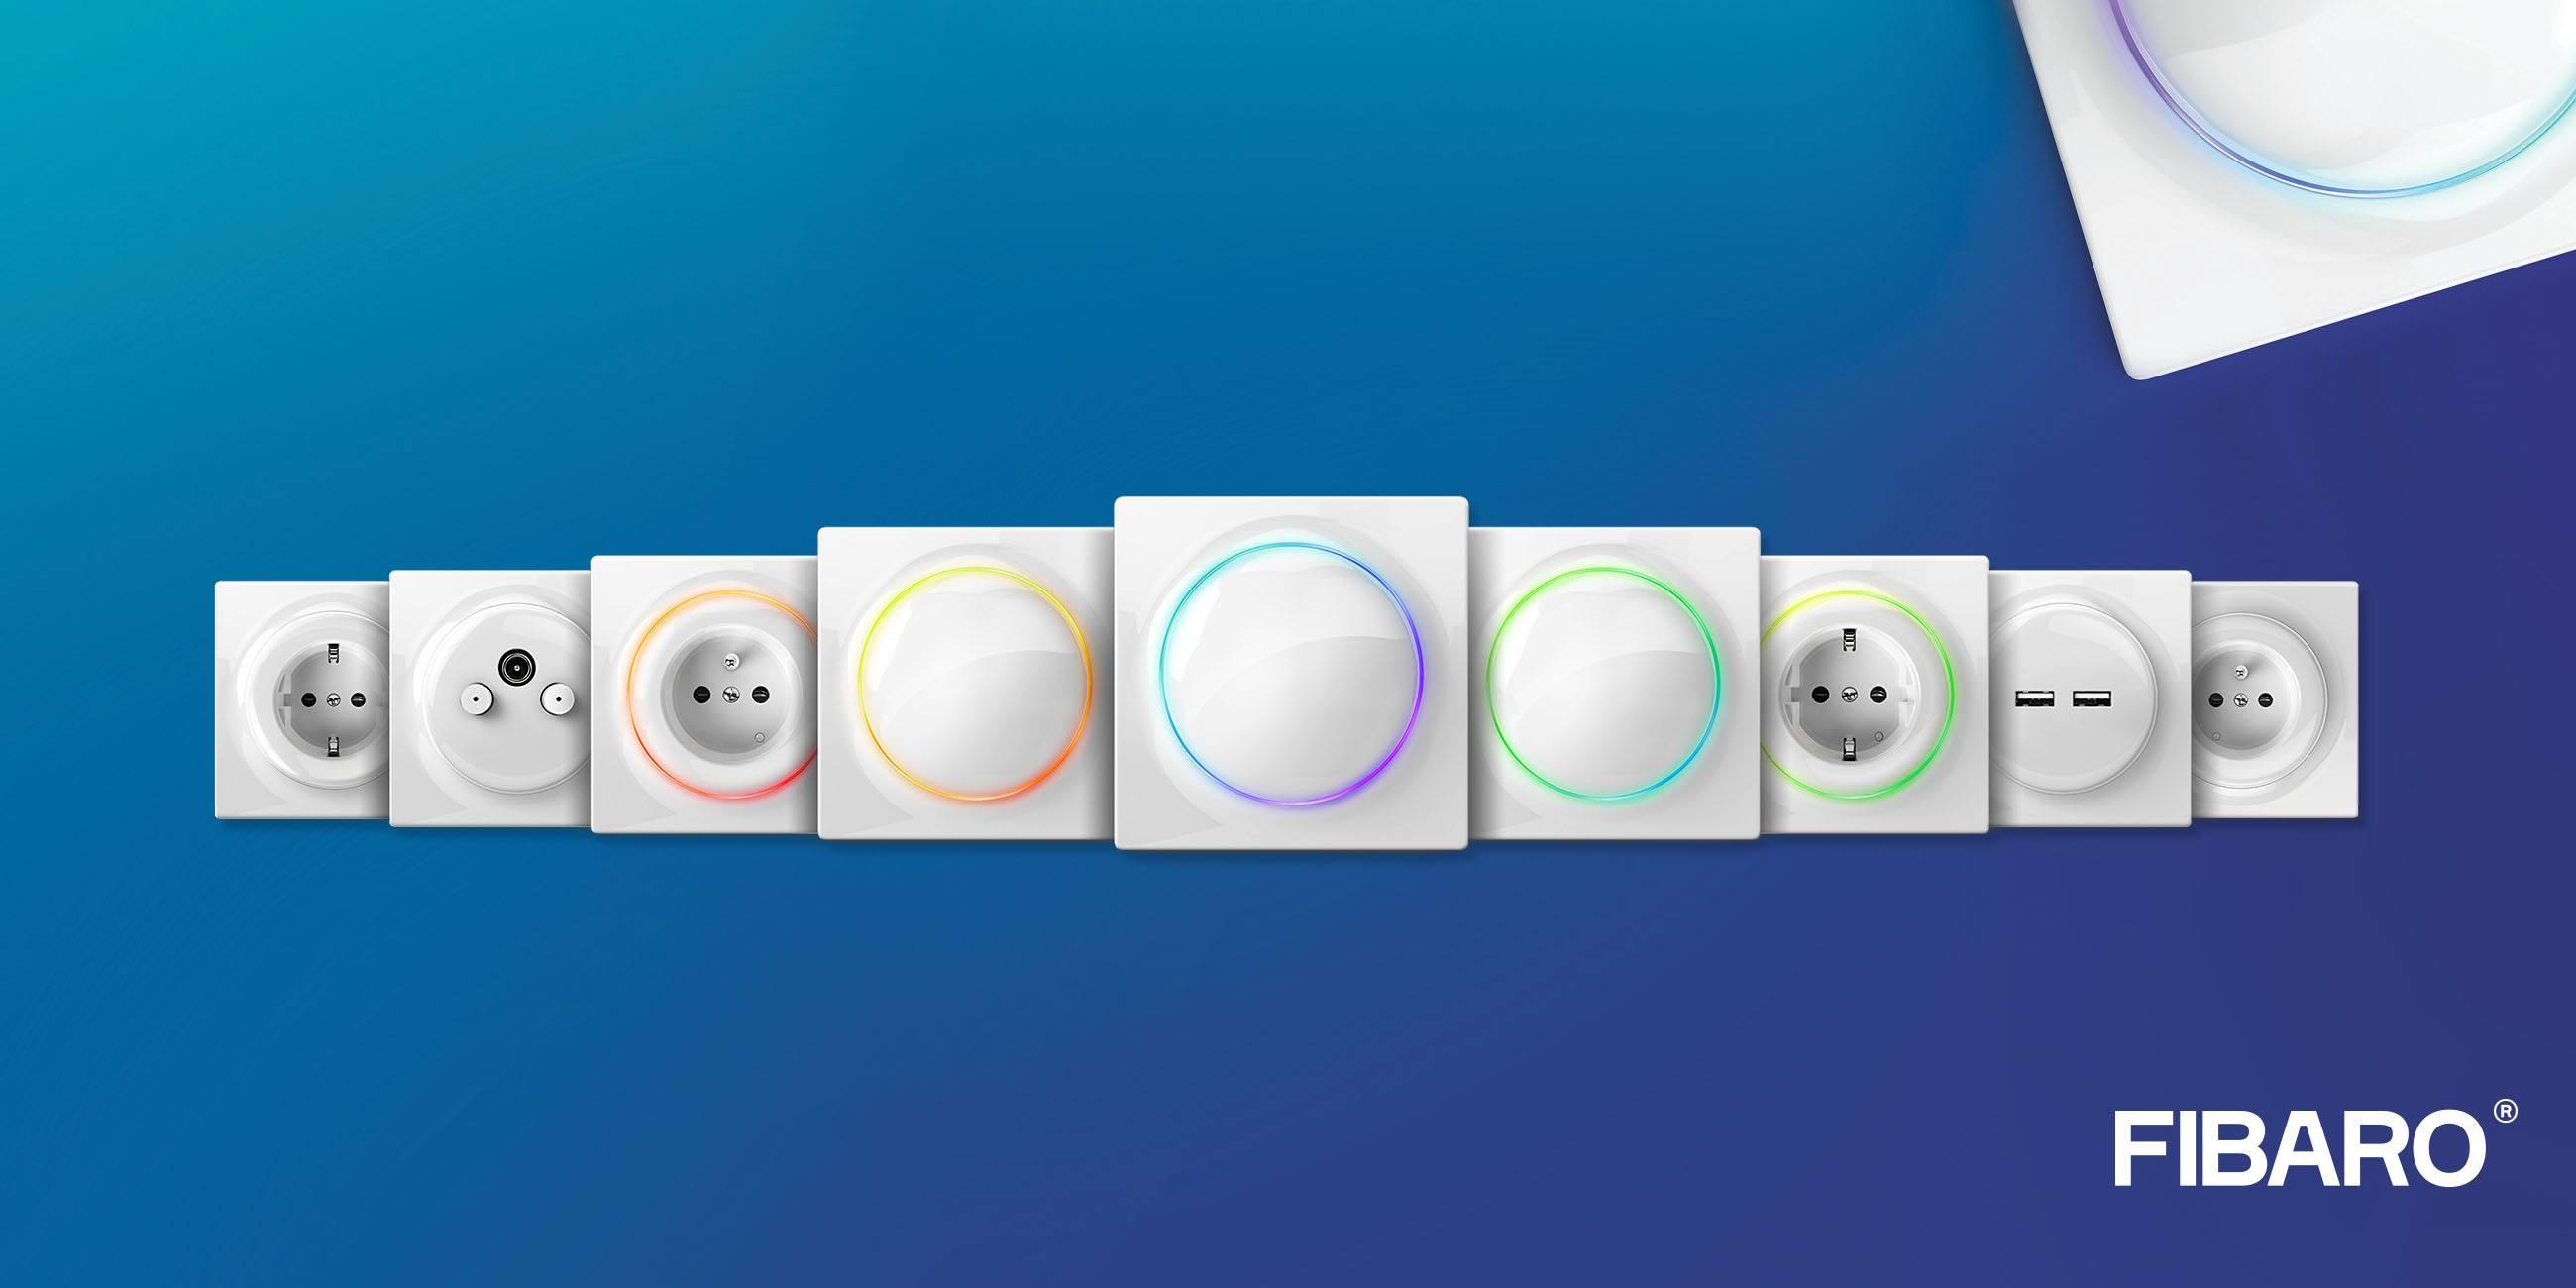 Fibaro annonce une gamme d'appareillages connectés Walli et sa nouvelle application mobile au #CES2019